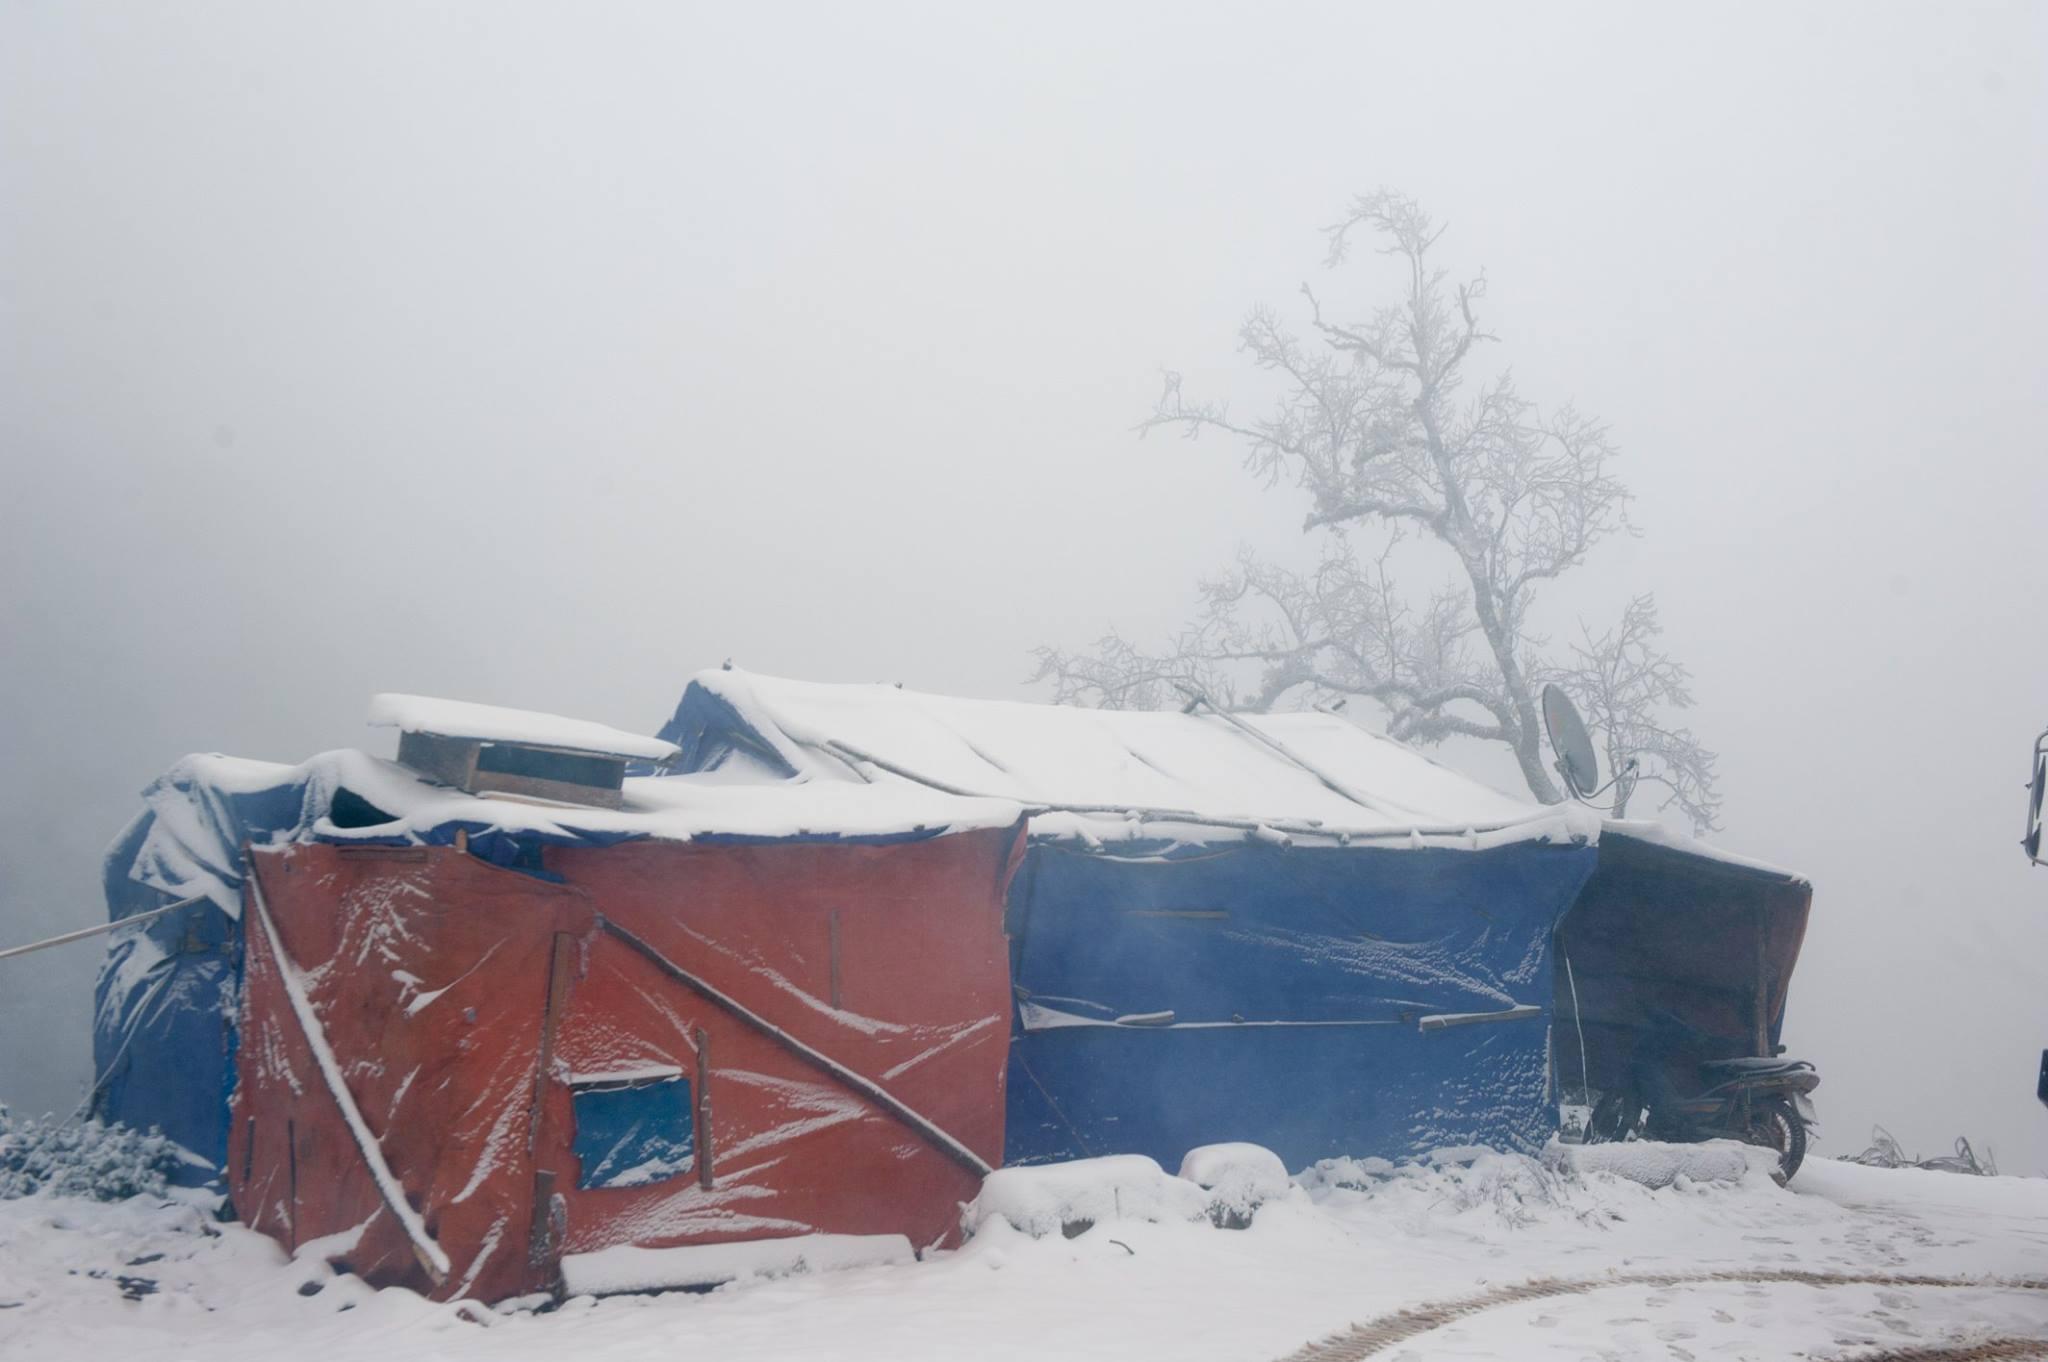 Những lán trại ở tạm của công nhân mỏng manh trong tuyết, trên đỉnh núi cao nhất dãy Trường Sơn. (Ảnh: Facebook Cường Nguyễn)